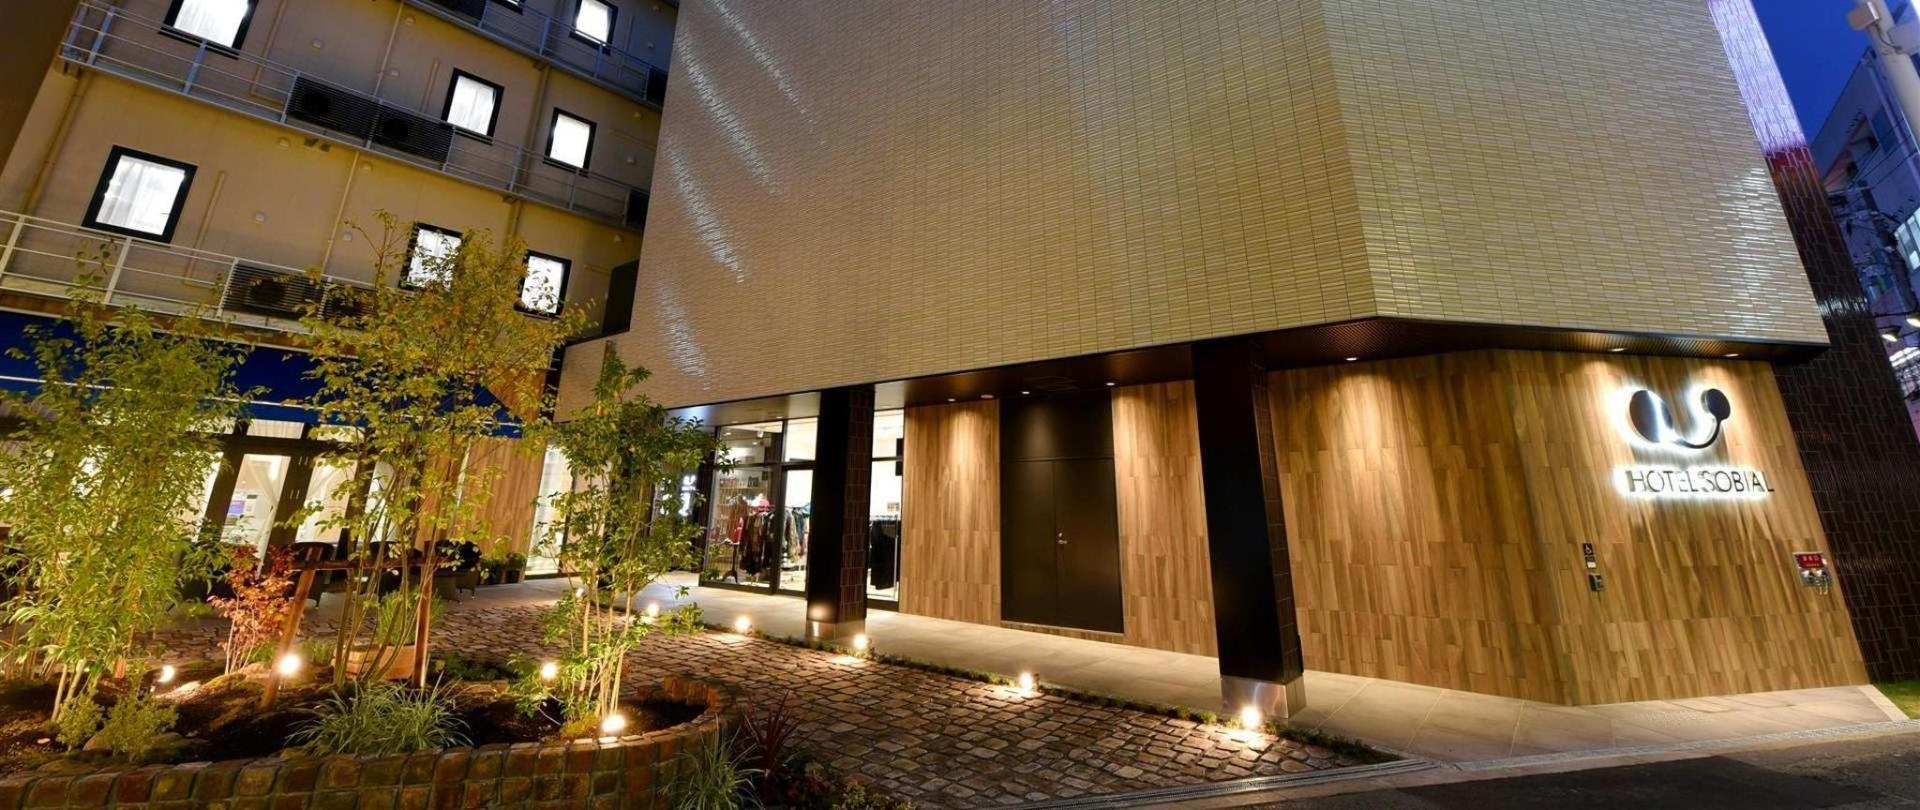 酒店Sobial大阪